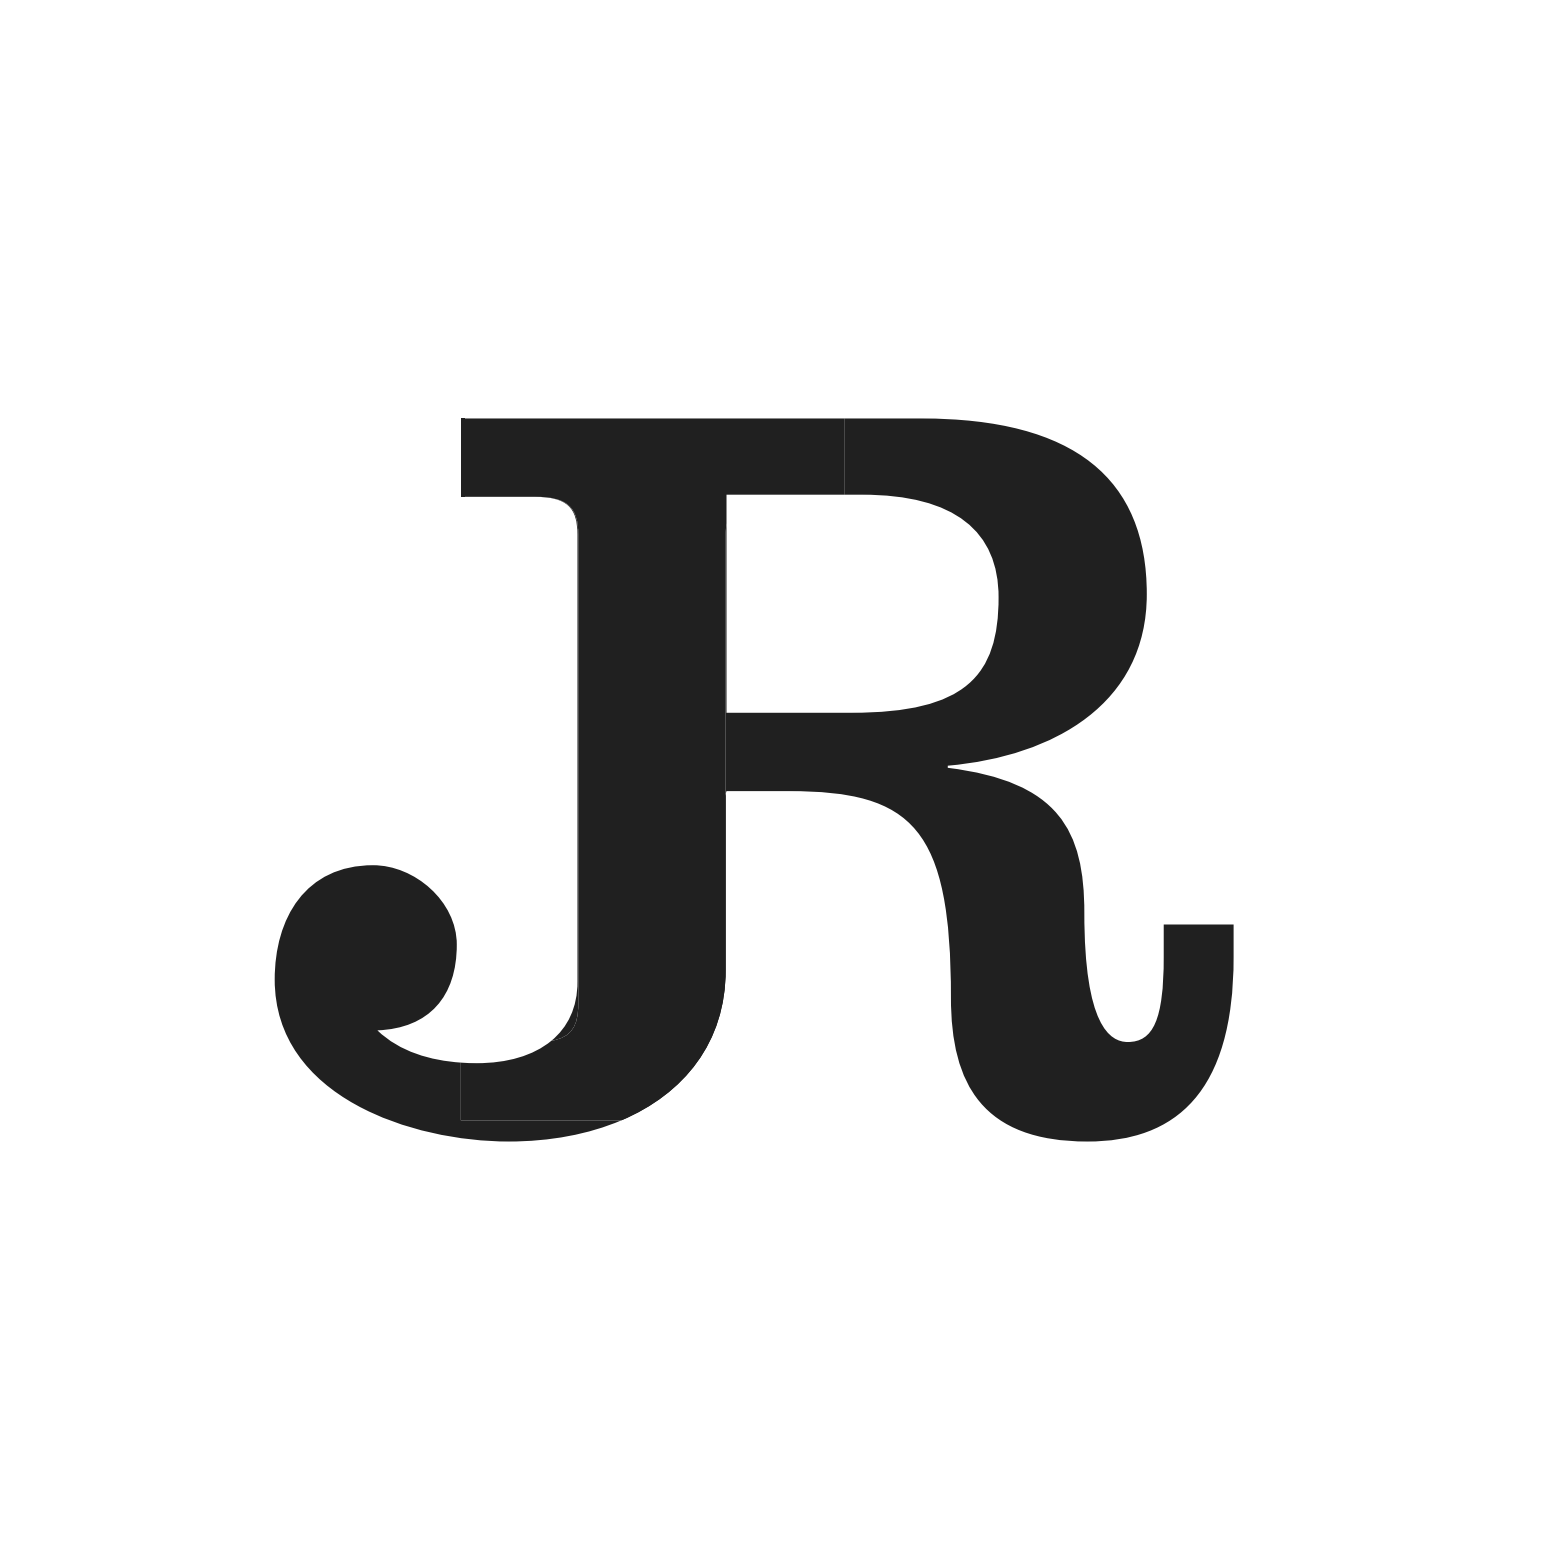 Janelle Reyes: Ligature